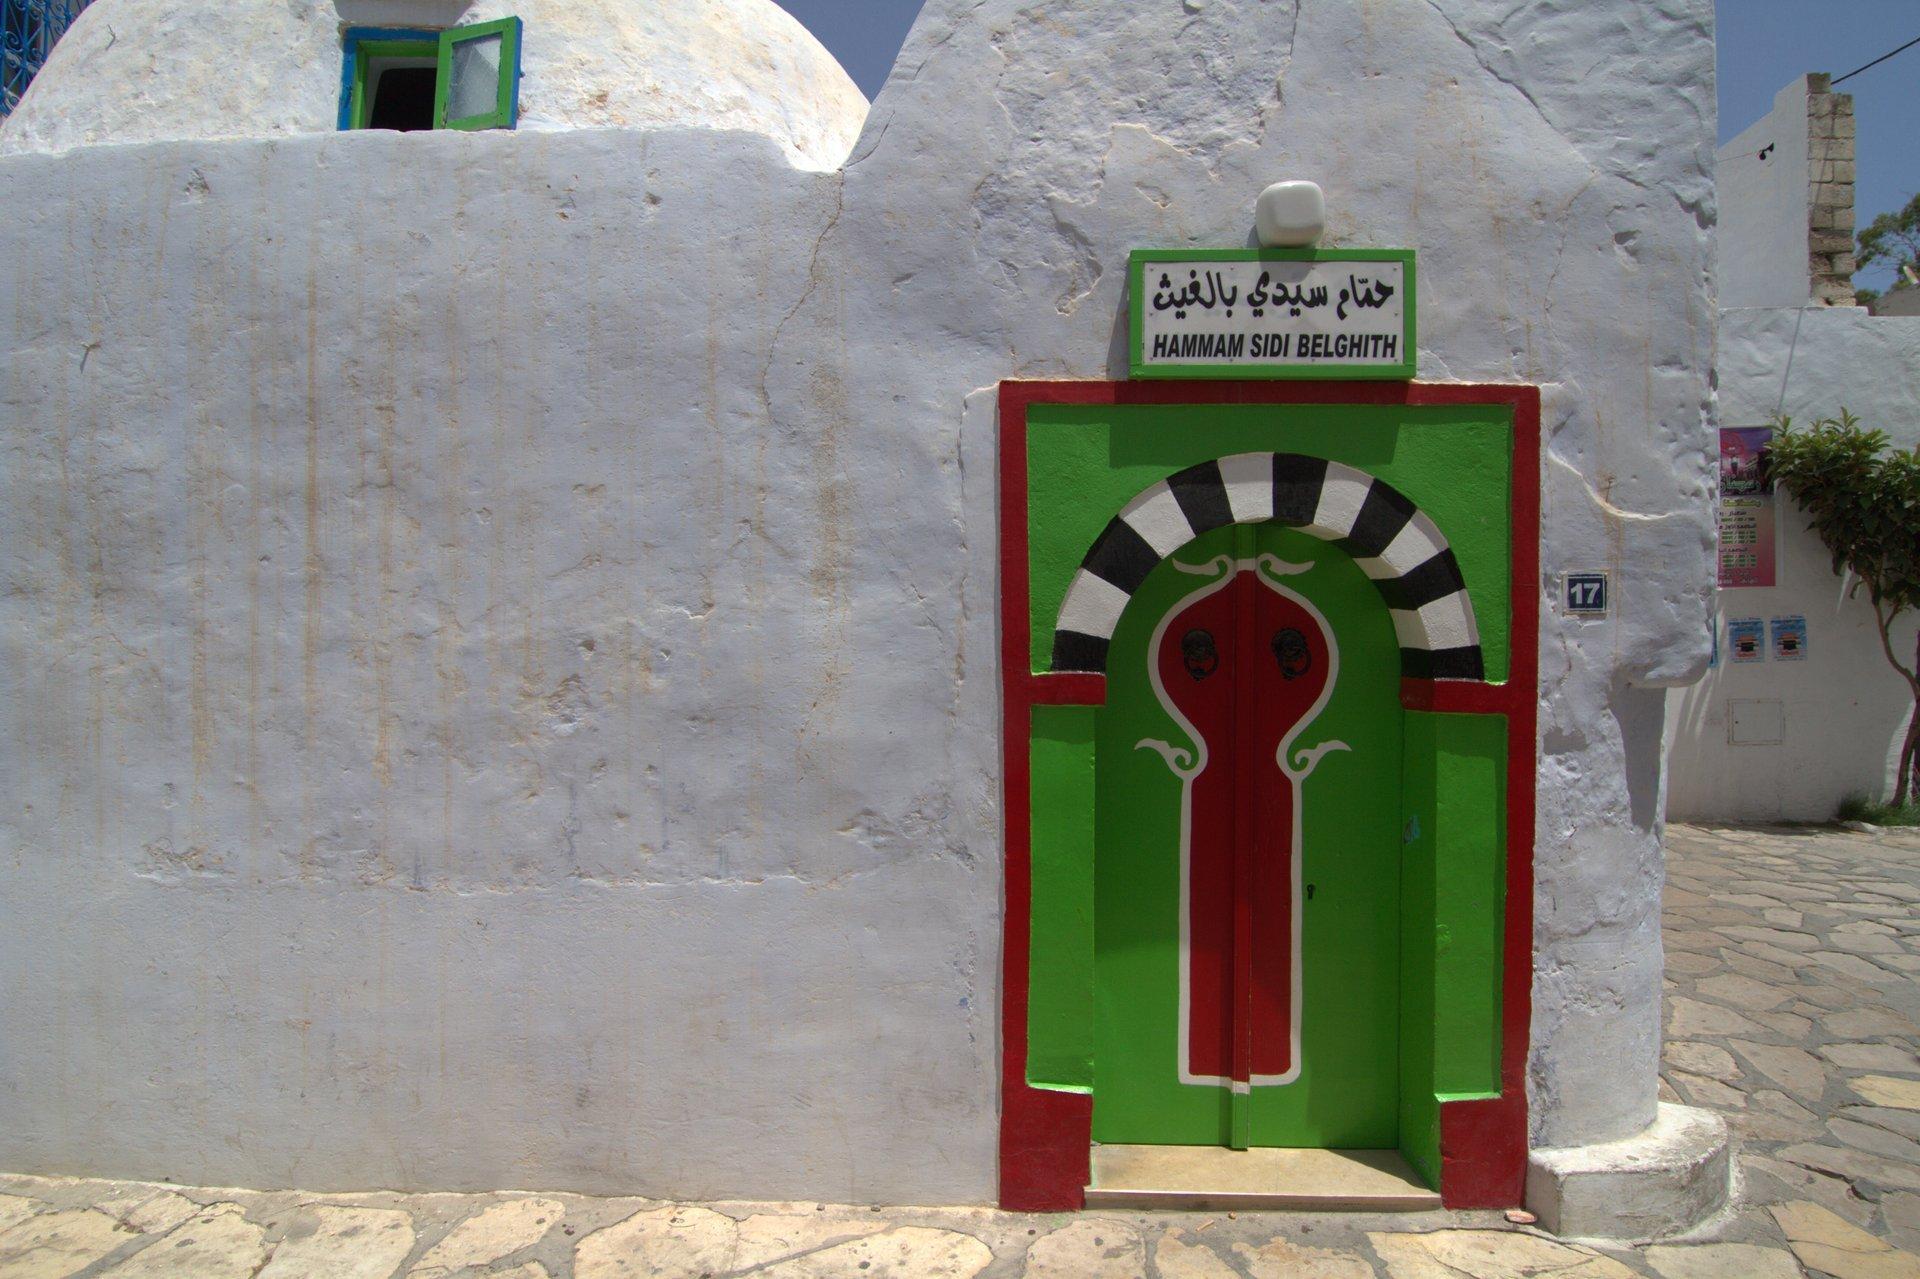 Hammam (Turkish Bath) in Tunisia 2020 - Best Time